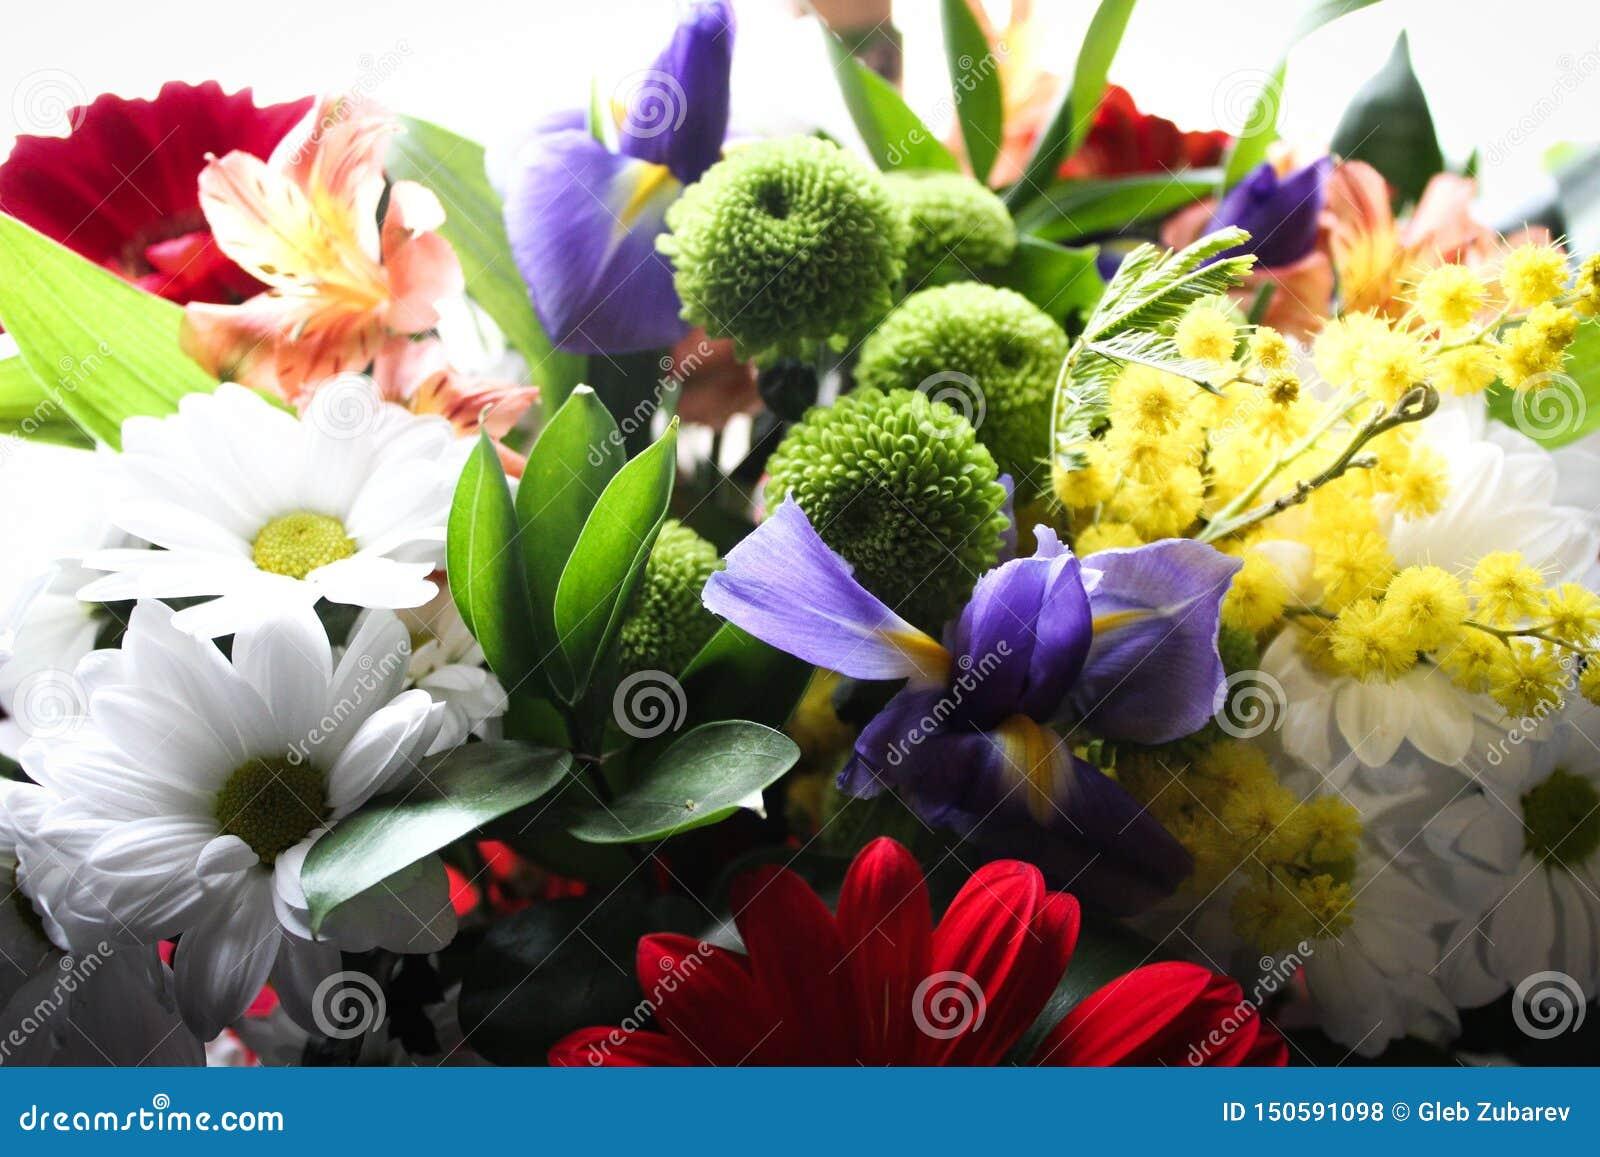 Nettes Foto von Blumen